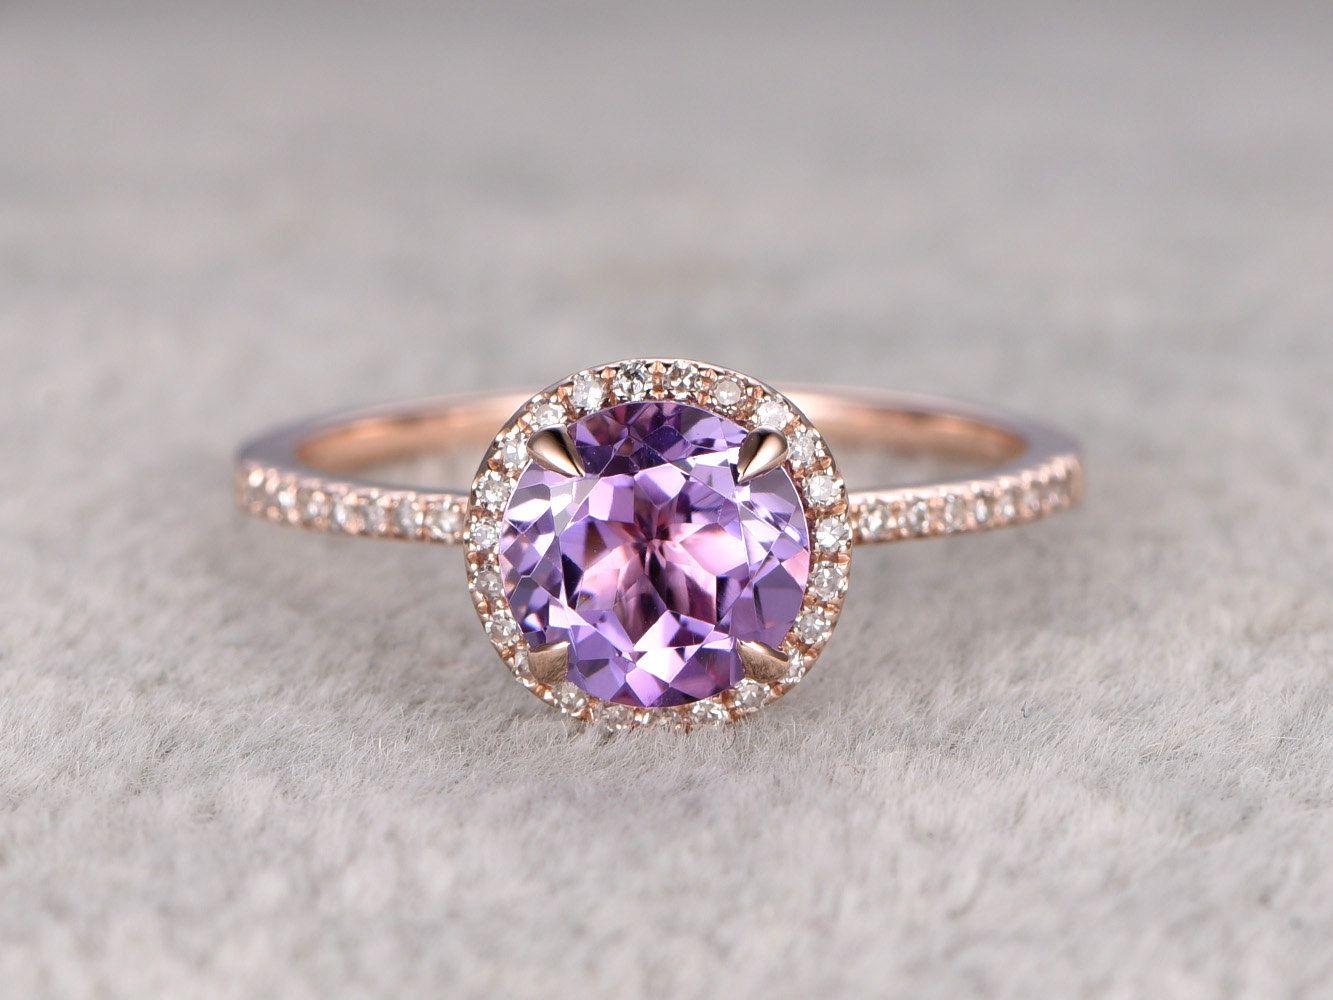 Bagues En Diamant Pourpre, Diamant De Halo, Anneaux De Mariage Diamant,  Diamants Blancs, Art De Diamant, Bagues De Fiançailles Améthyste, ... dcb1644b9b1f